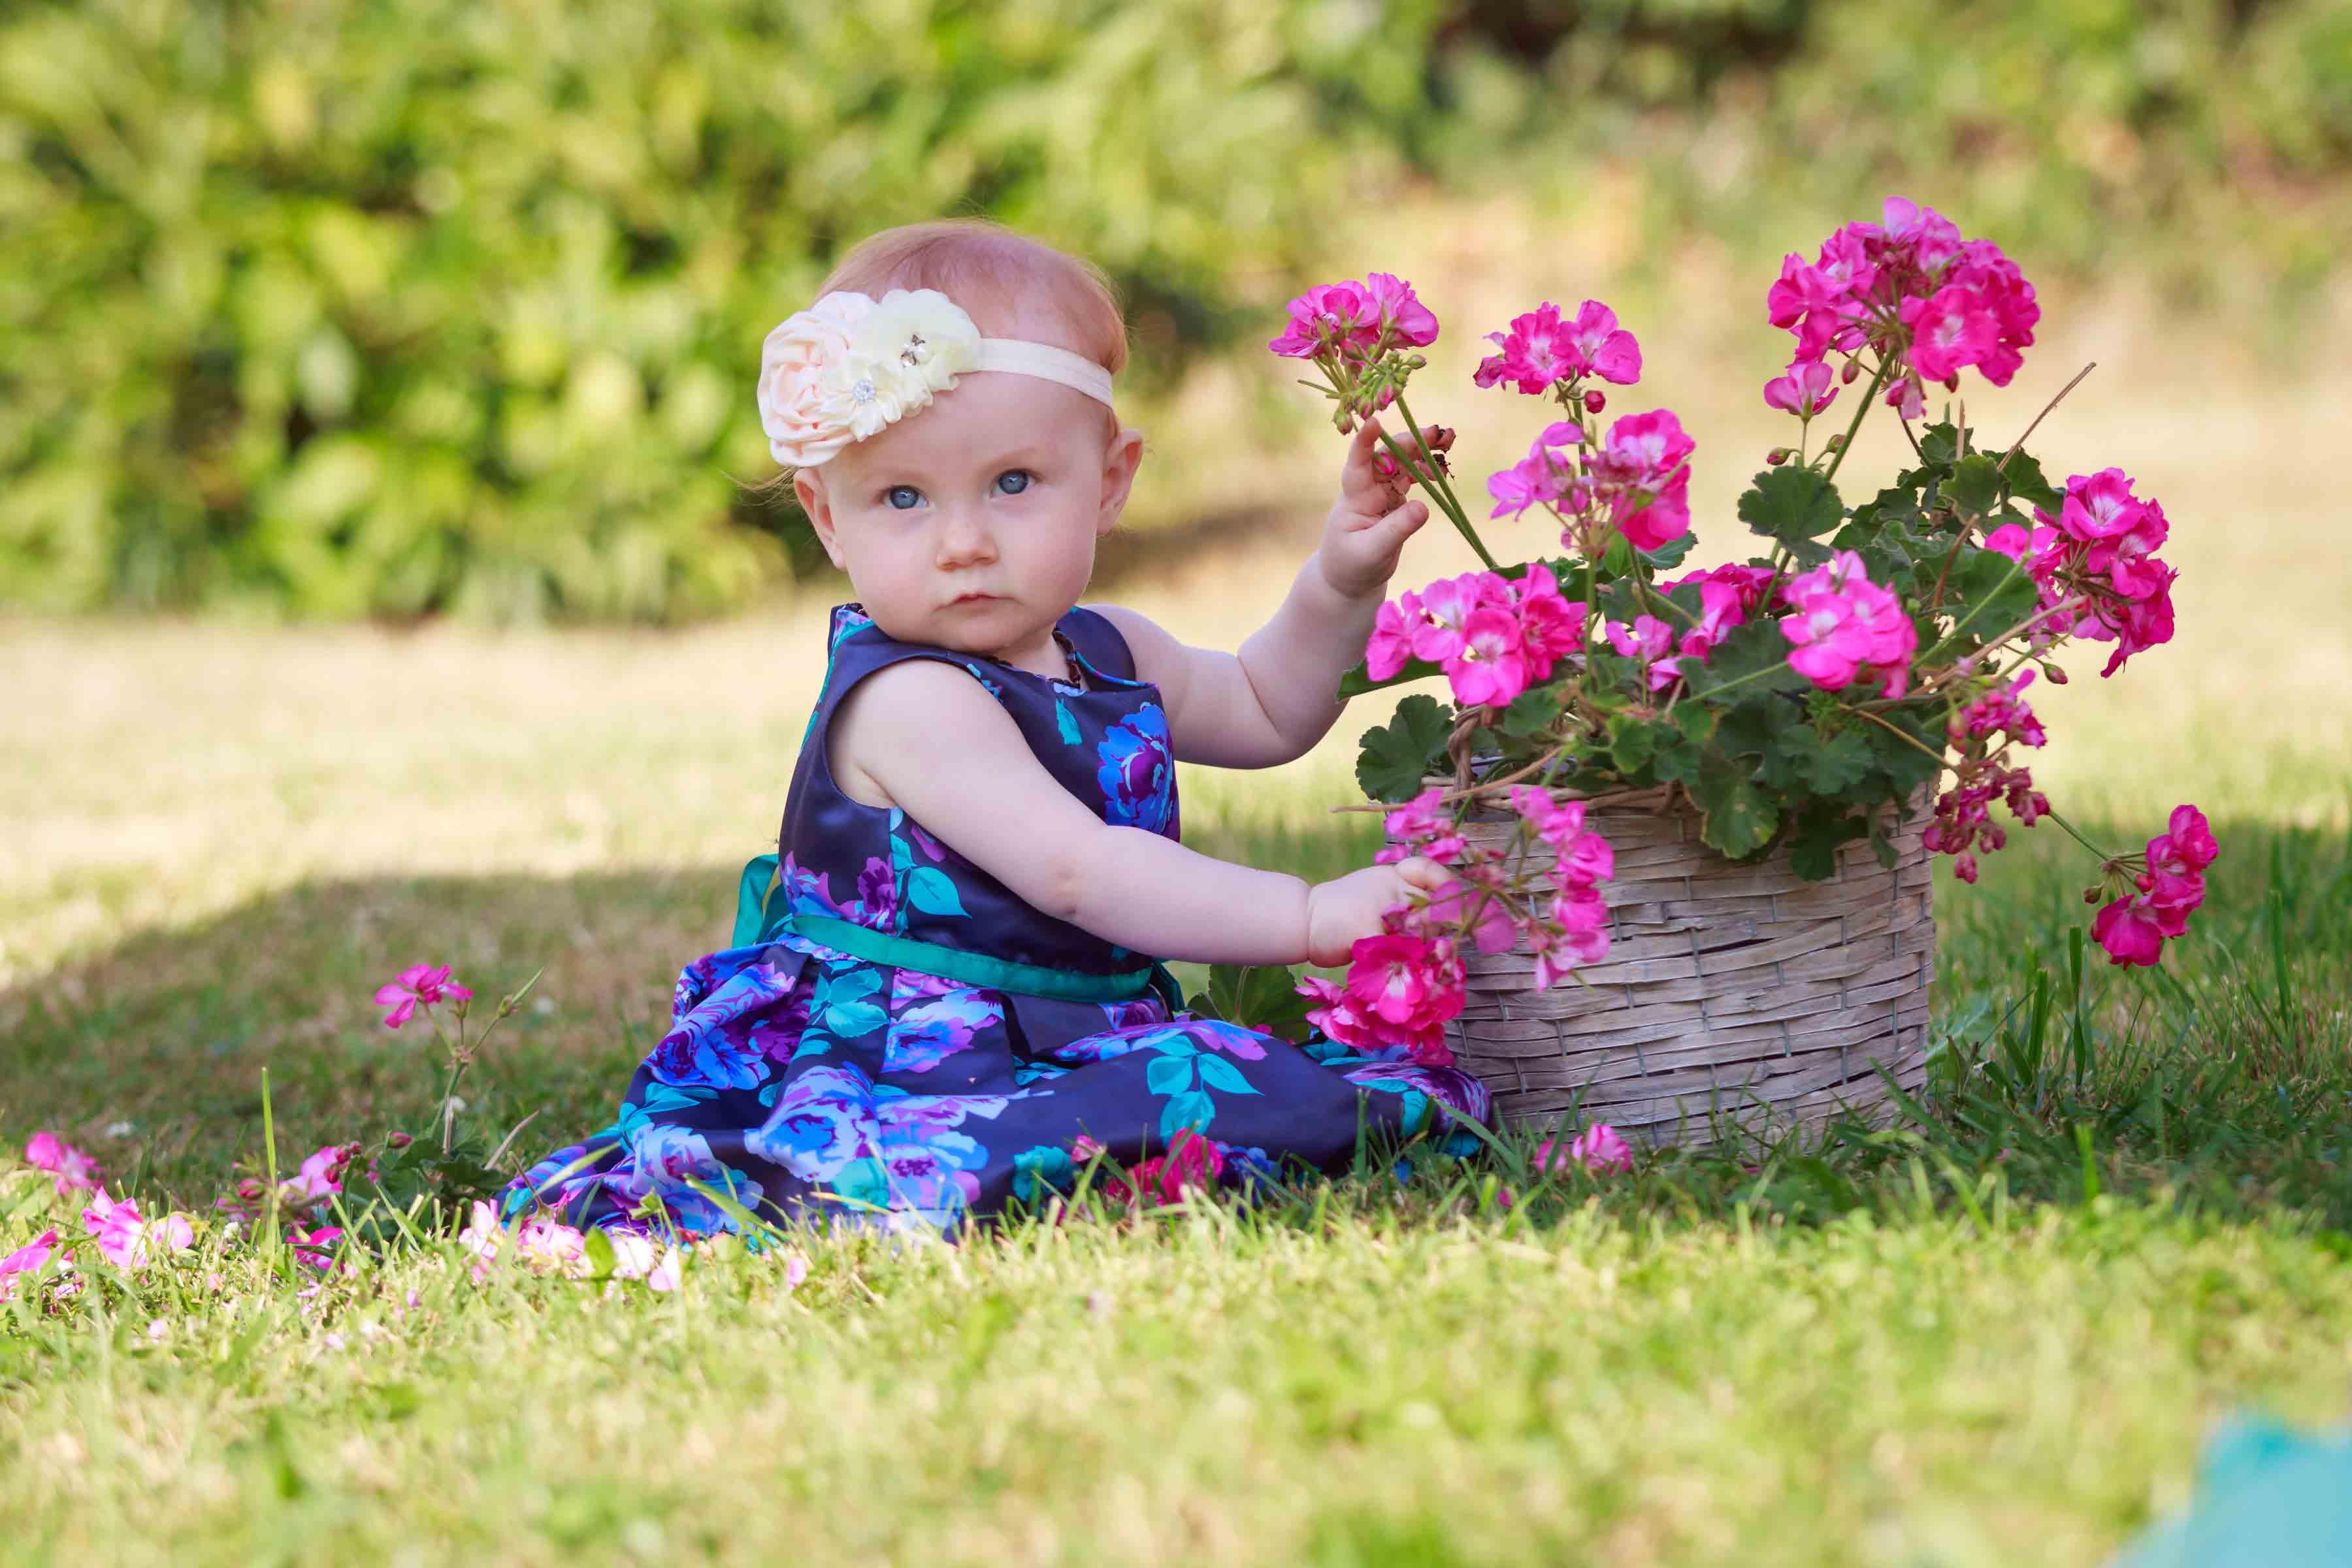 Babyshooting und Familienportraits mit Glücksfaktor und Sommerfeeling IMG 4275w